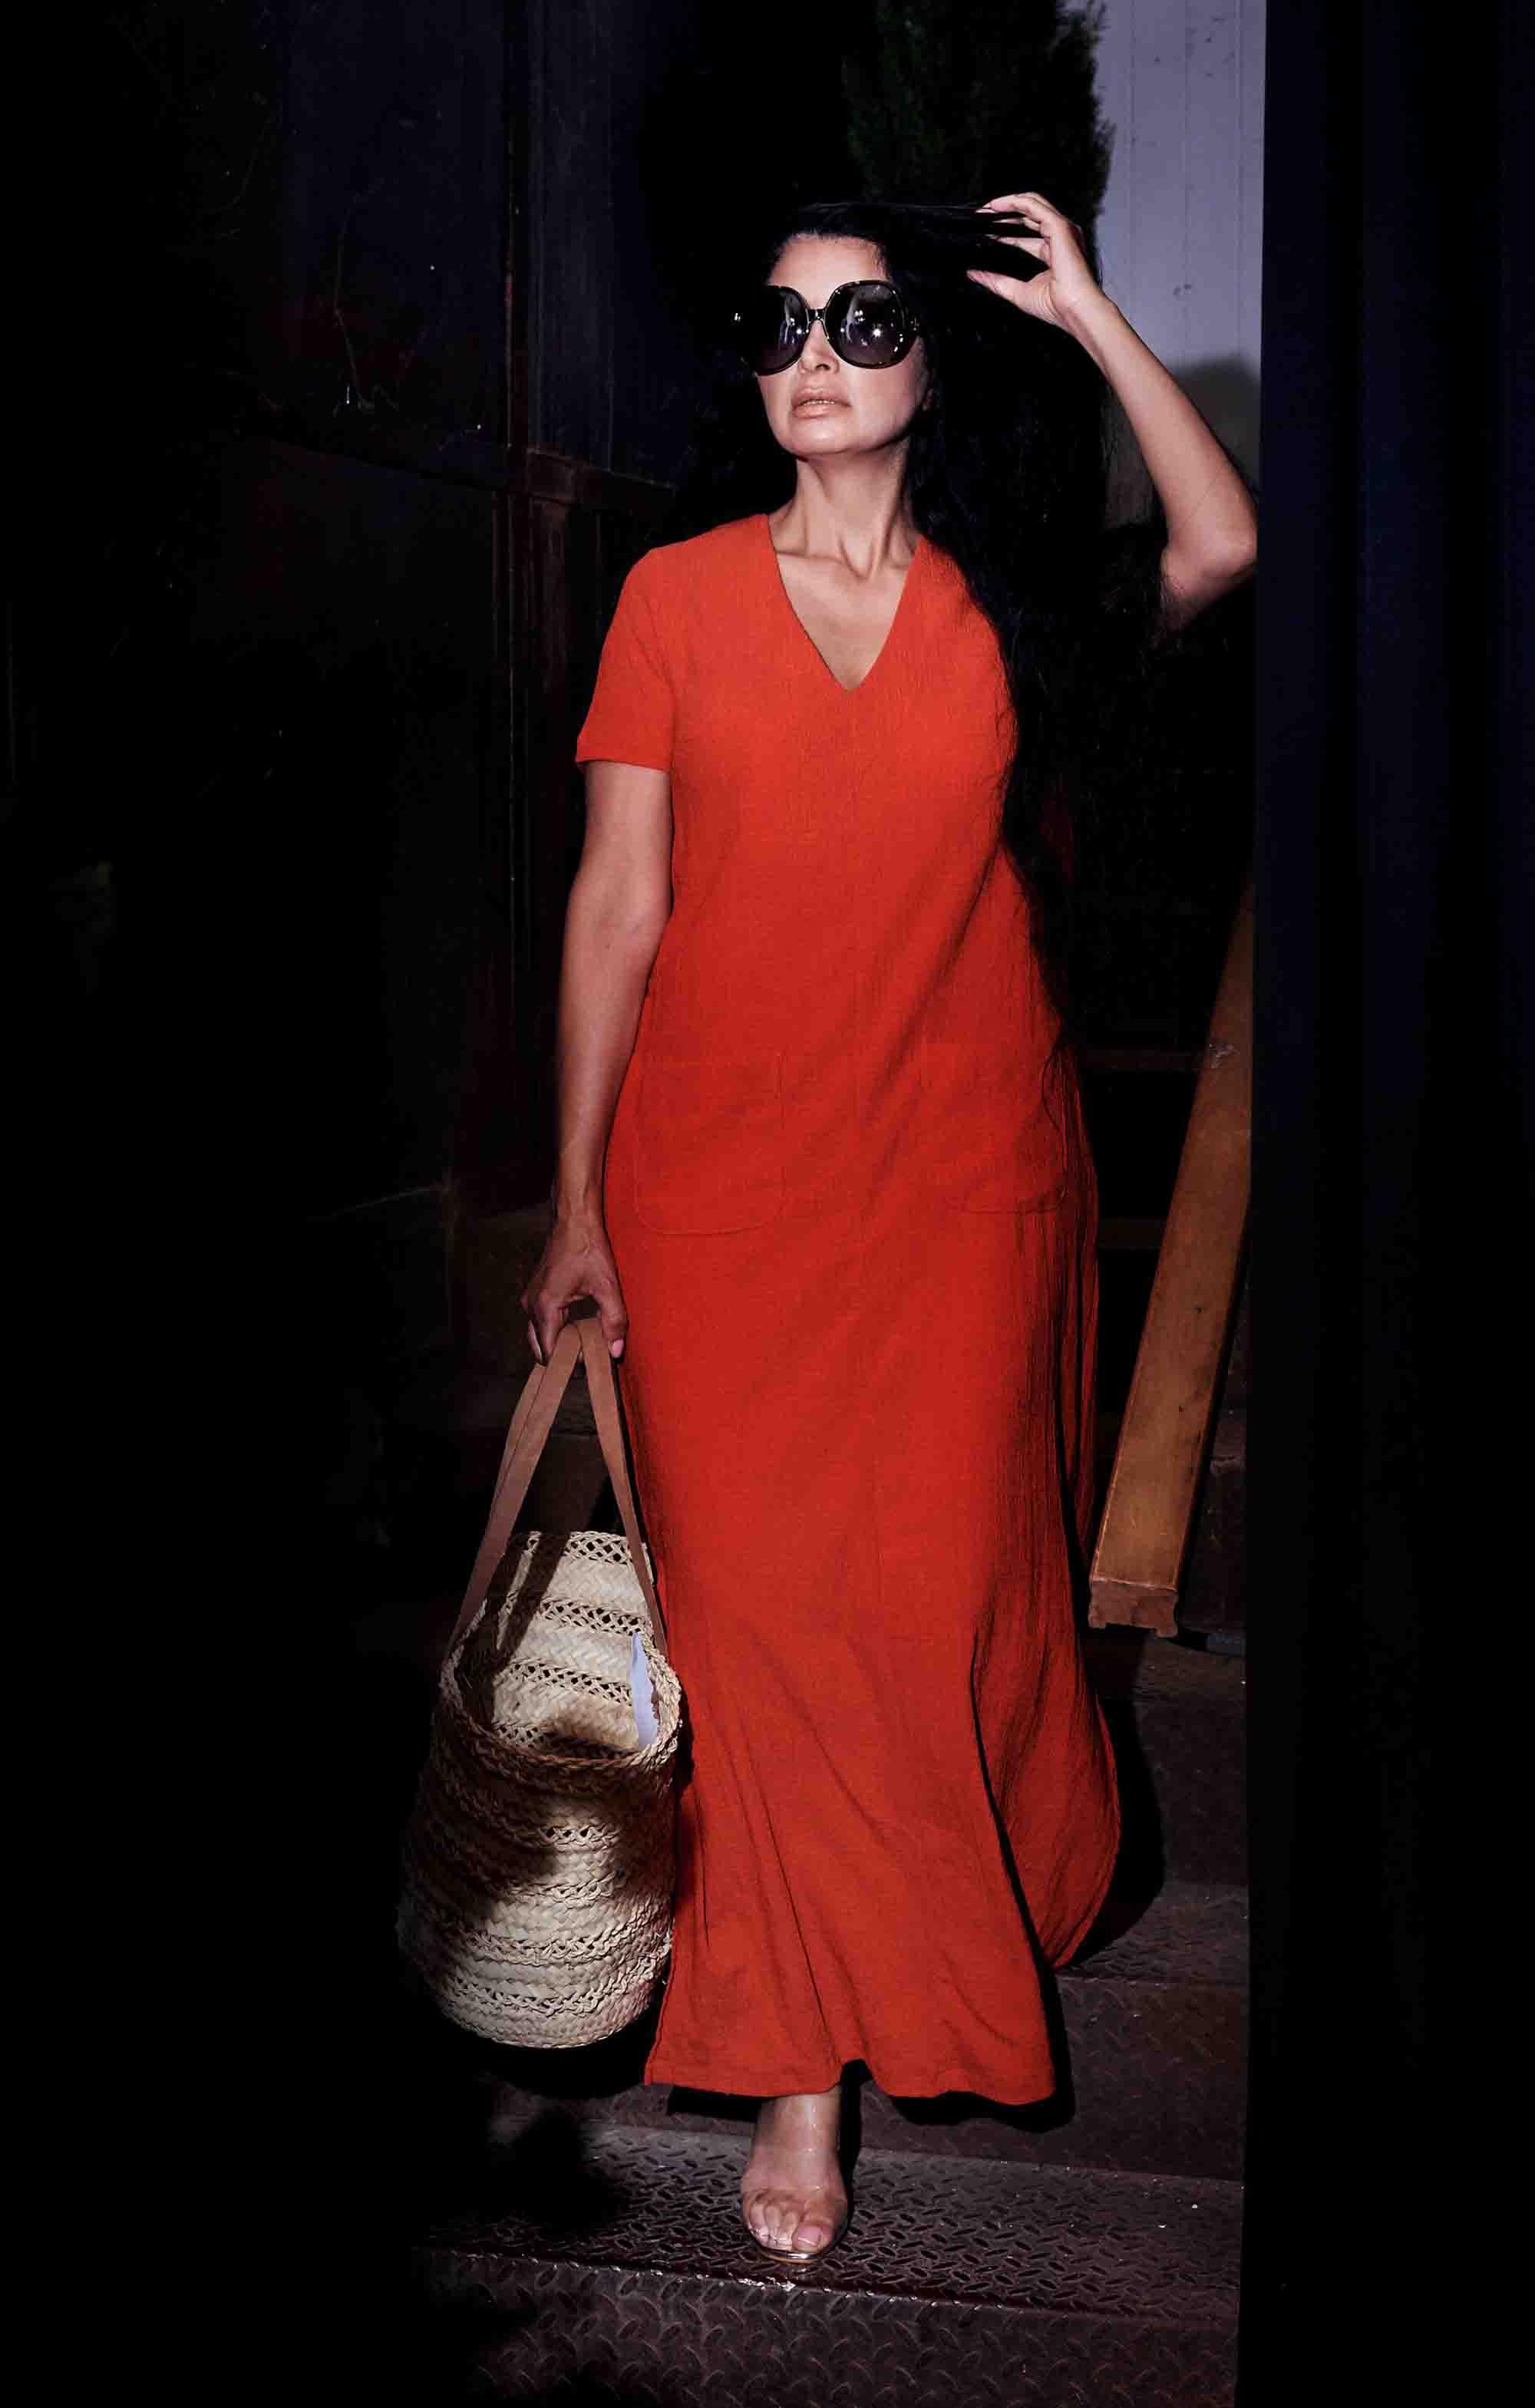 אופנה, חדשות אופנה, כתבות אופנה, שמלת לינדה אדומה, סל יבוא אישי ממרוקו- קרן שביט צילום kim kandler